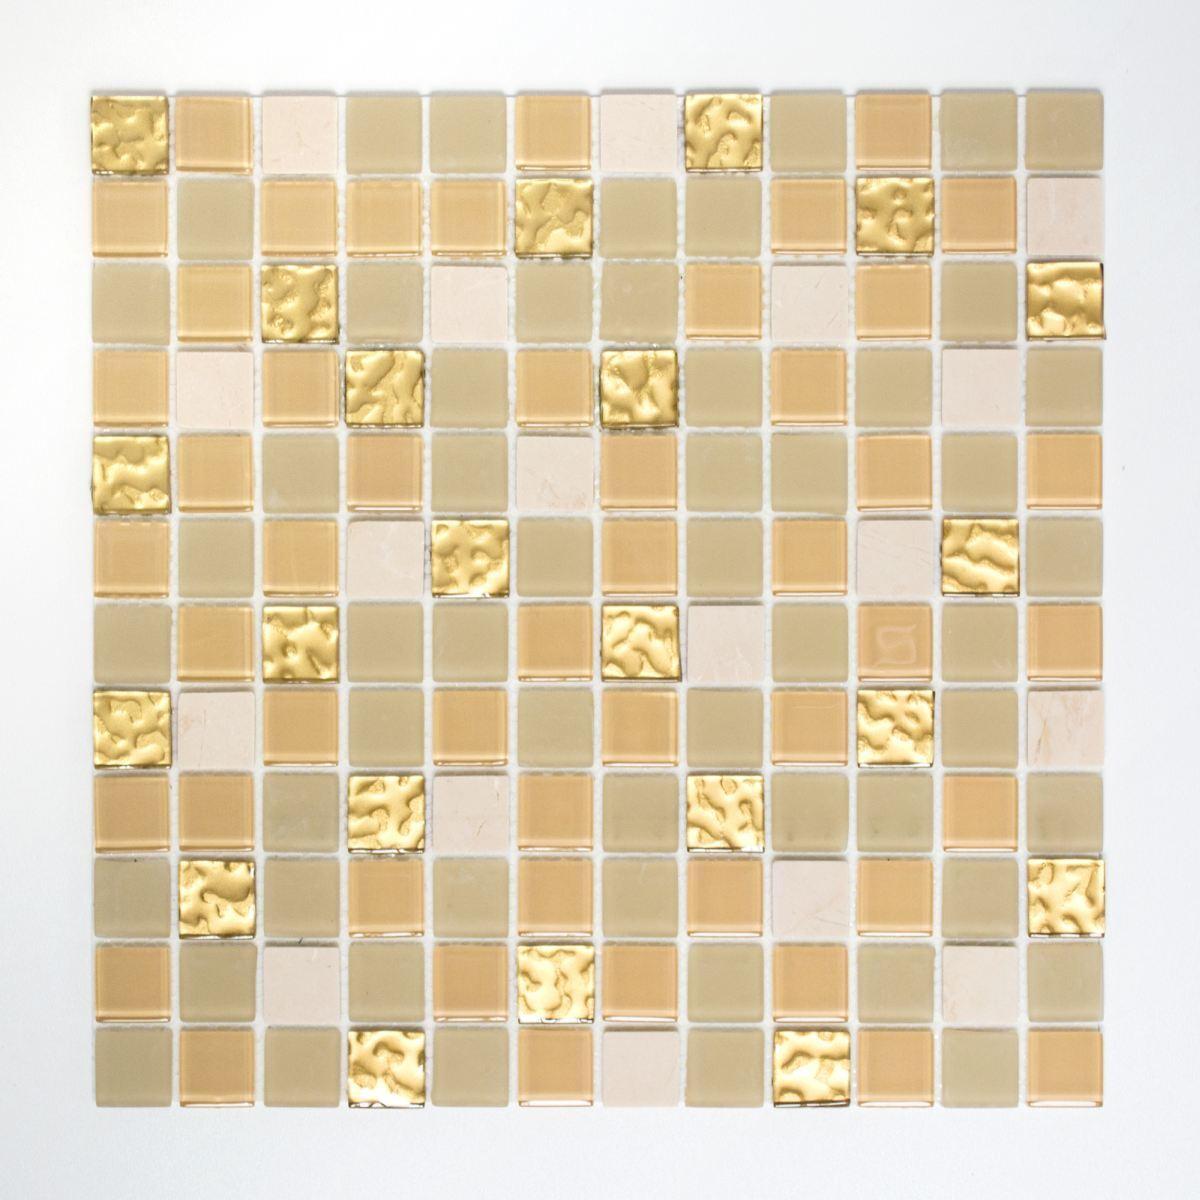 Mosaik Fliese selbstklebend Transluzent Stein weiß gold |200-4M362_f10 Matten